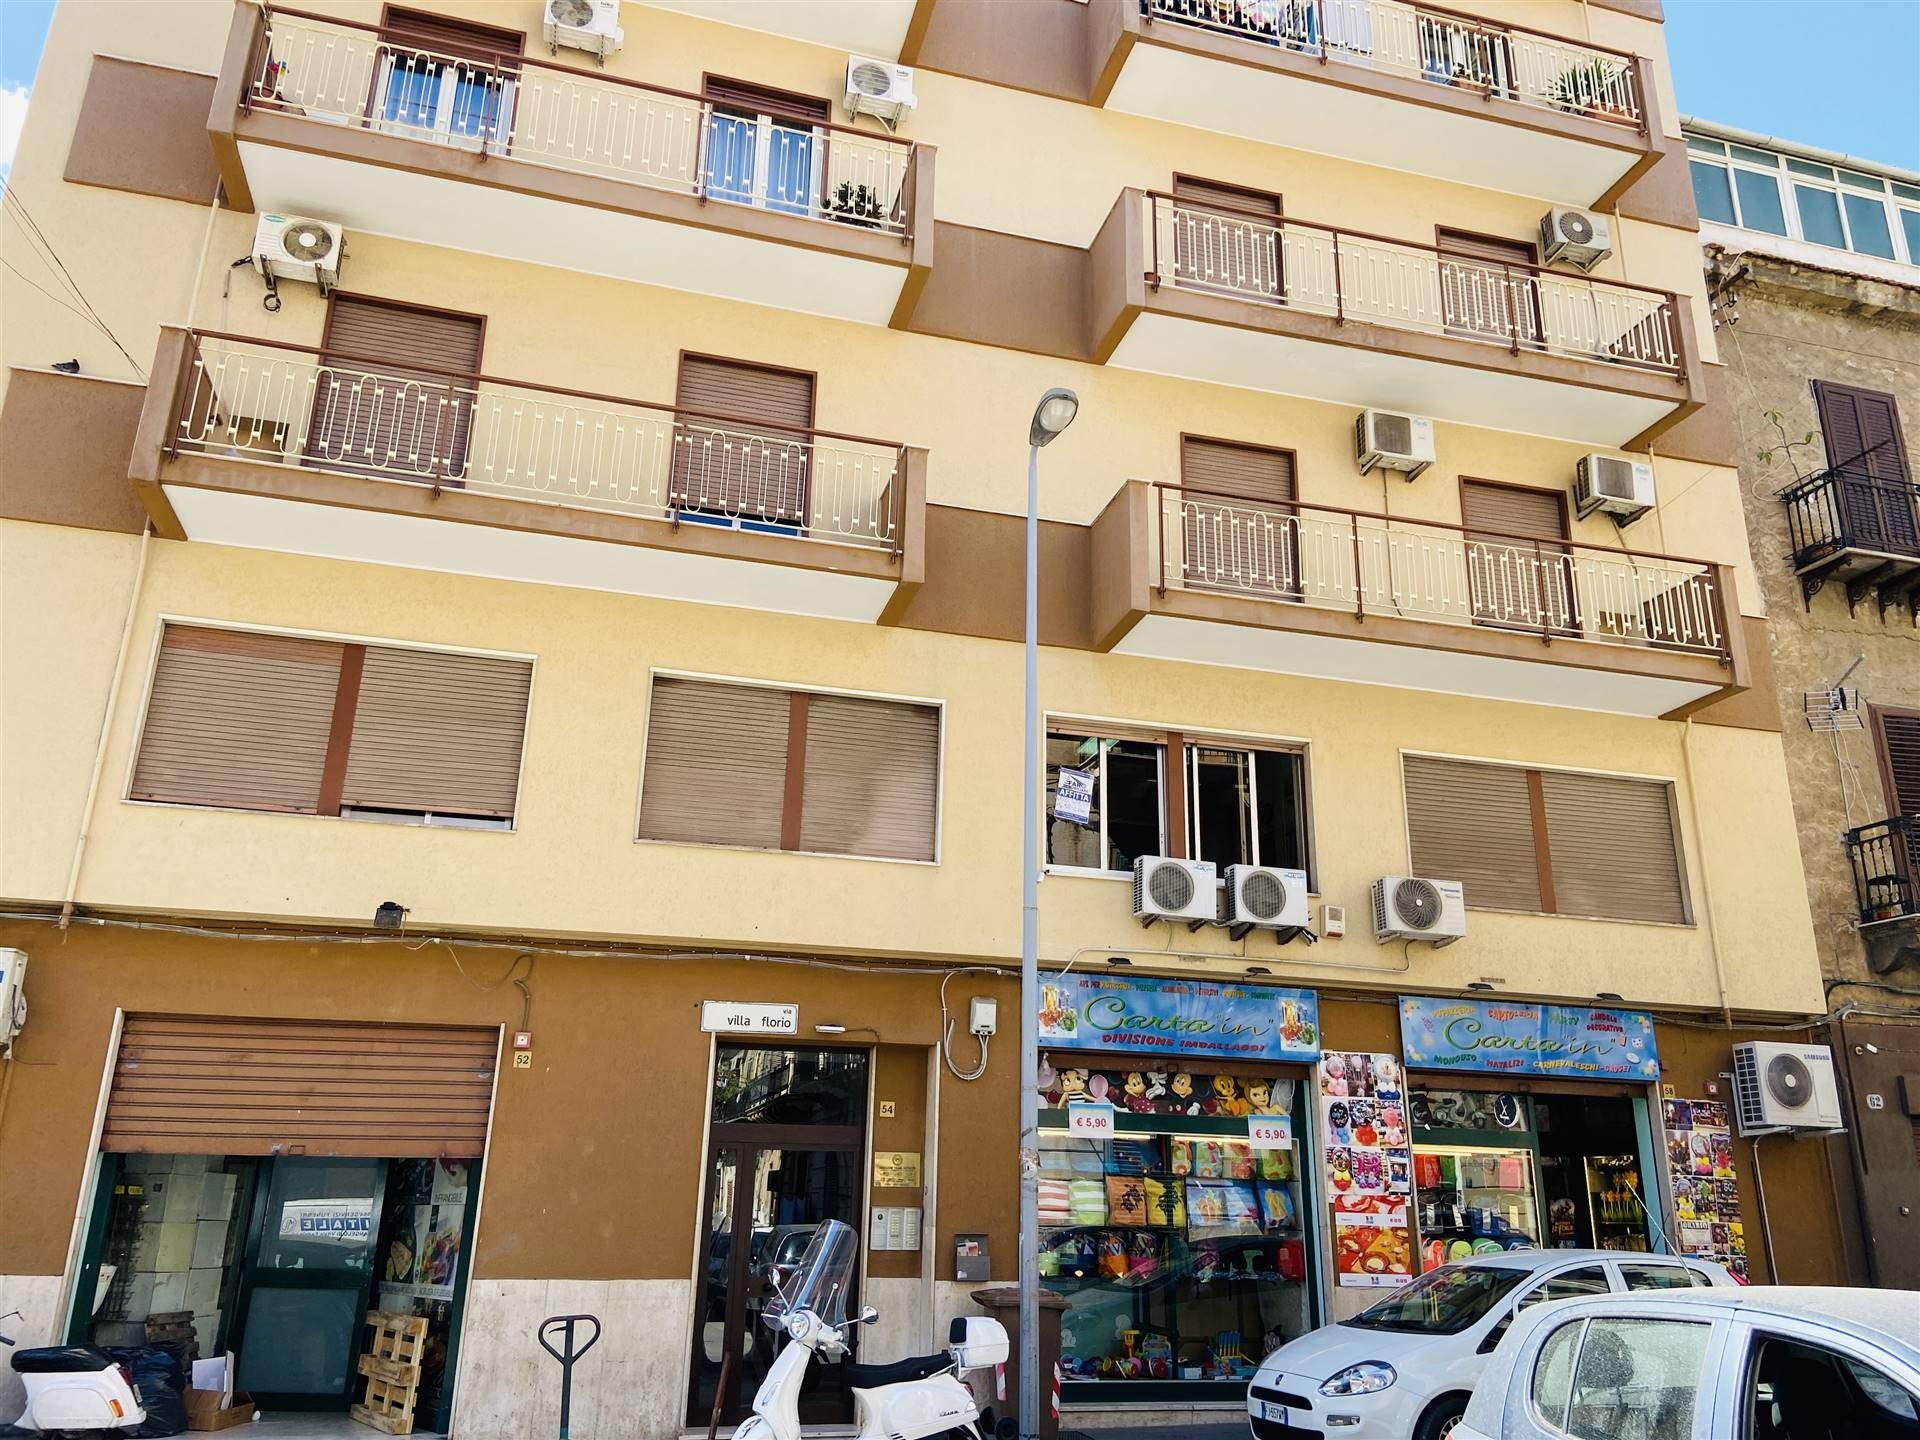 Ufficio / Studio in affitto a Palermo, 4 locali, zona Località: DANTE, prezzo € 480 | CambioCasa.it